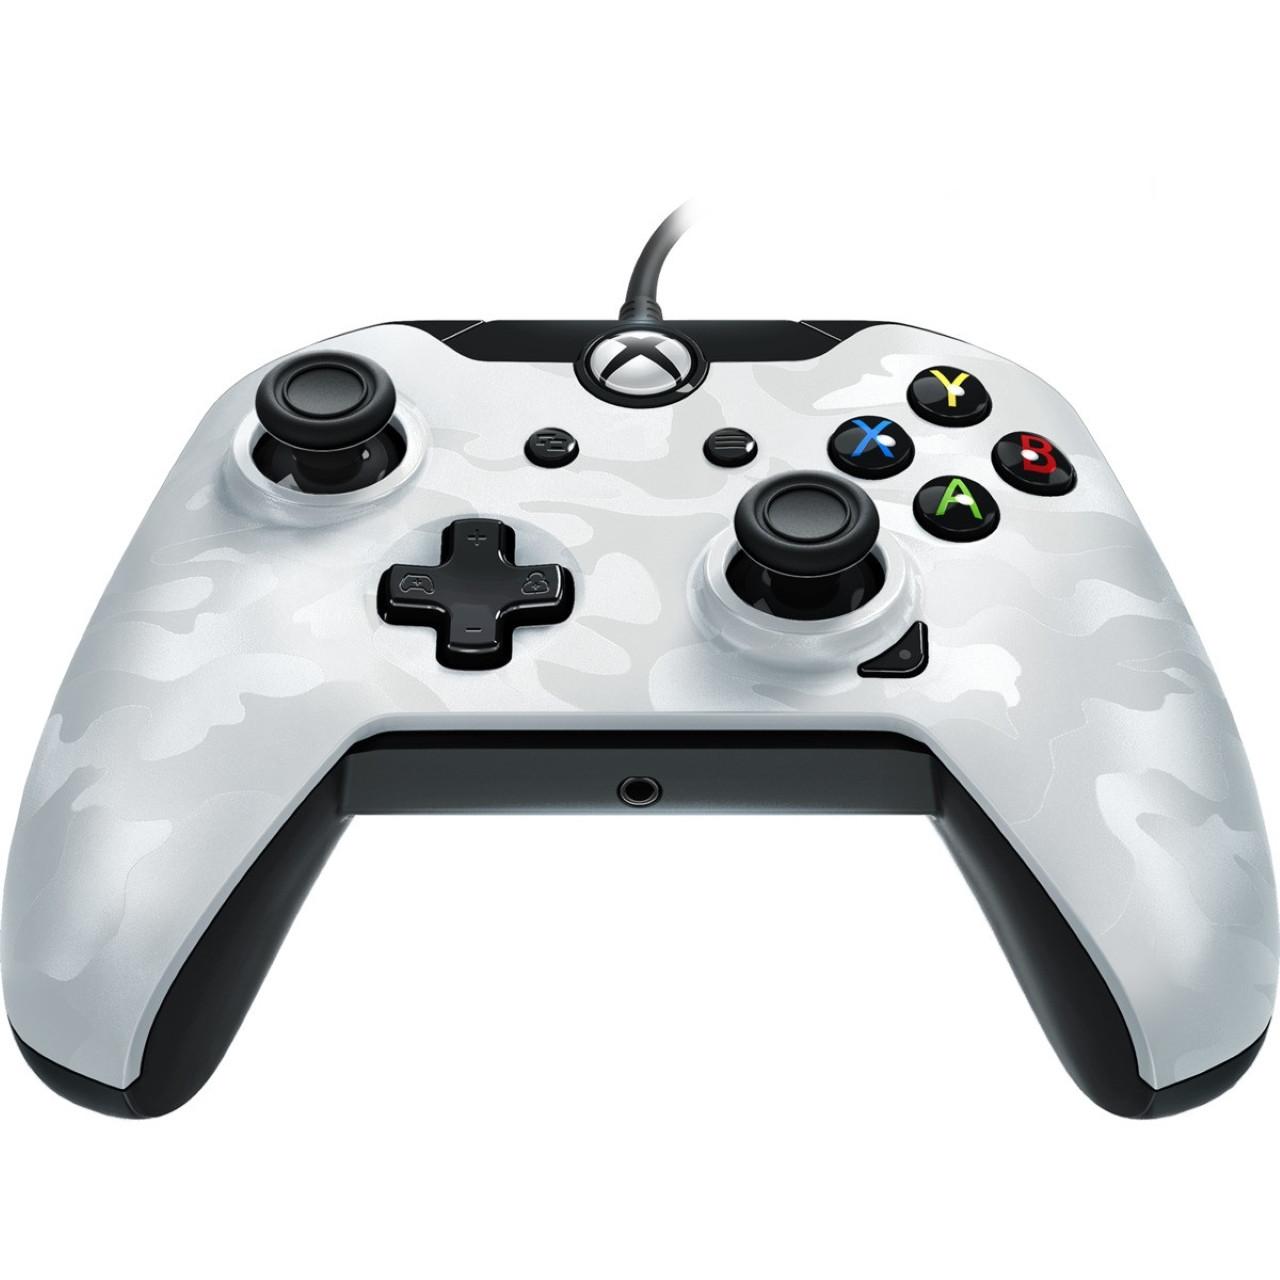 Геймпад (джойстик) Microsoft Xbox ONE,PC Wired Controller PDP XO White (проводной)